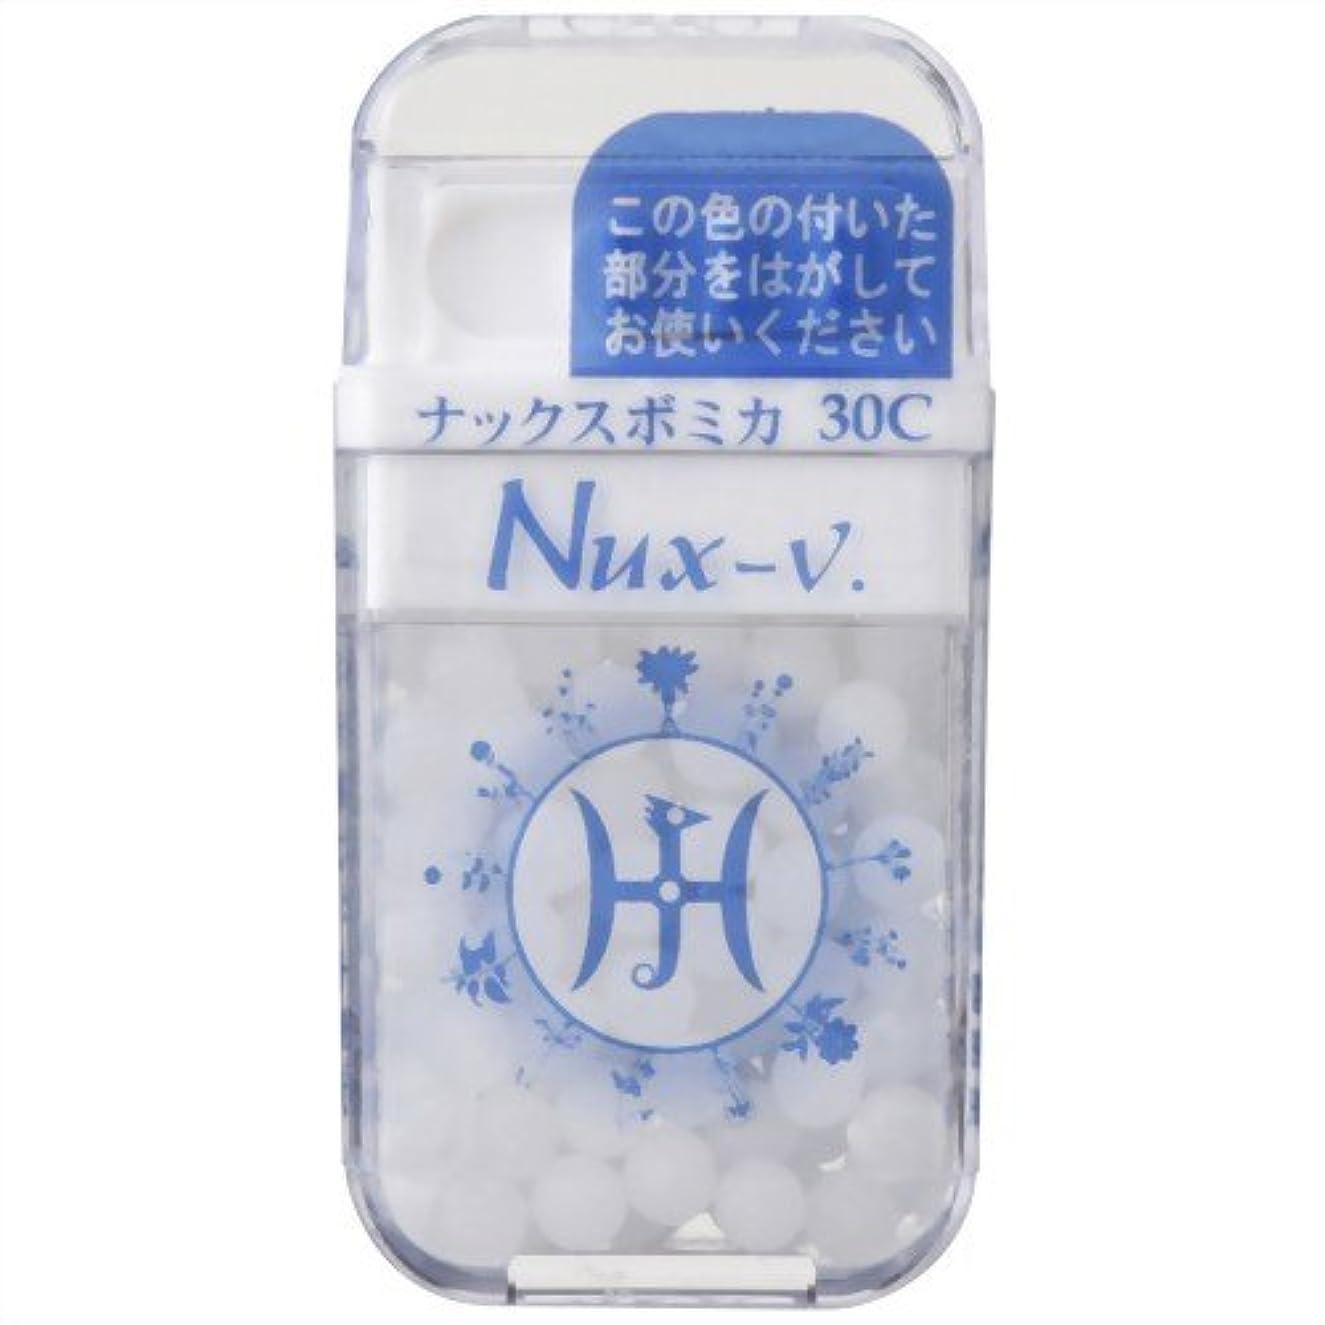 キャリッジ実現可能性到着するホメオパシージャパンレメディー Nux-v.  ナックスボミカ  30C (大ビン)